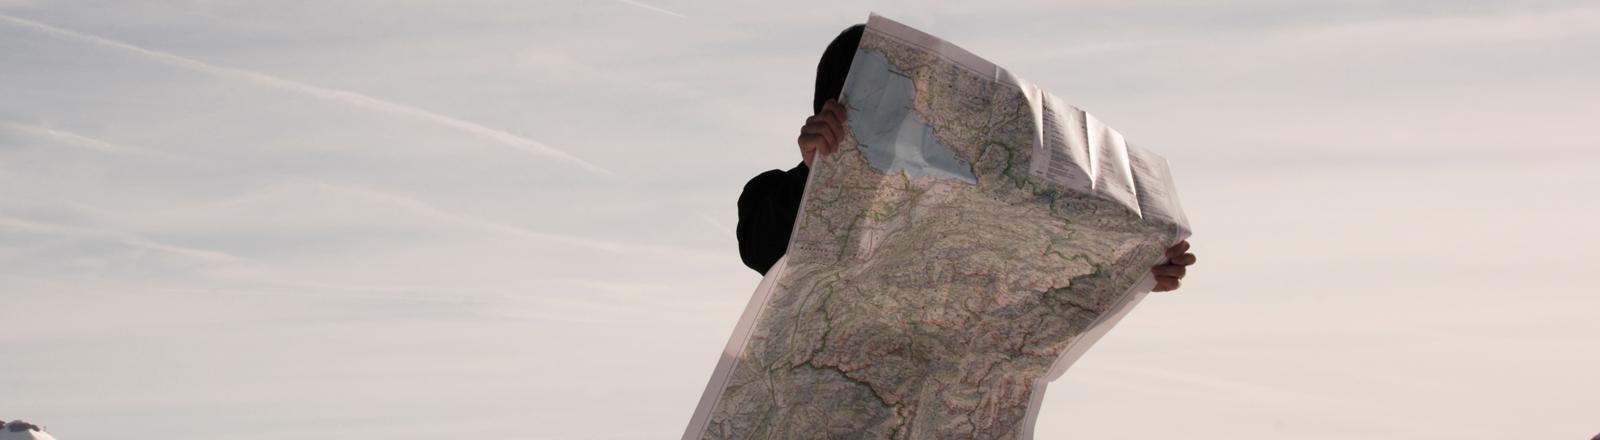 Ein Mensch steht mit einer Karte aus Papier auf einem Berg und scheint den Weg zu suchen.